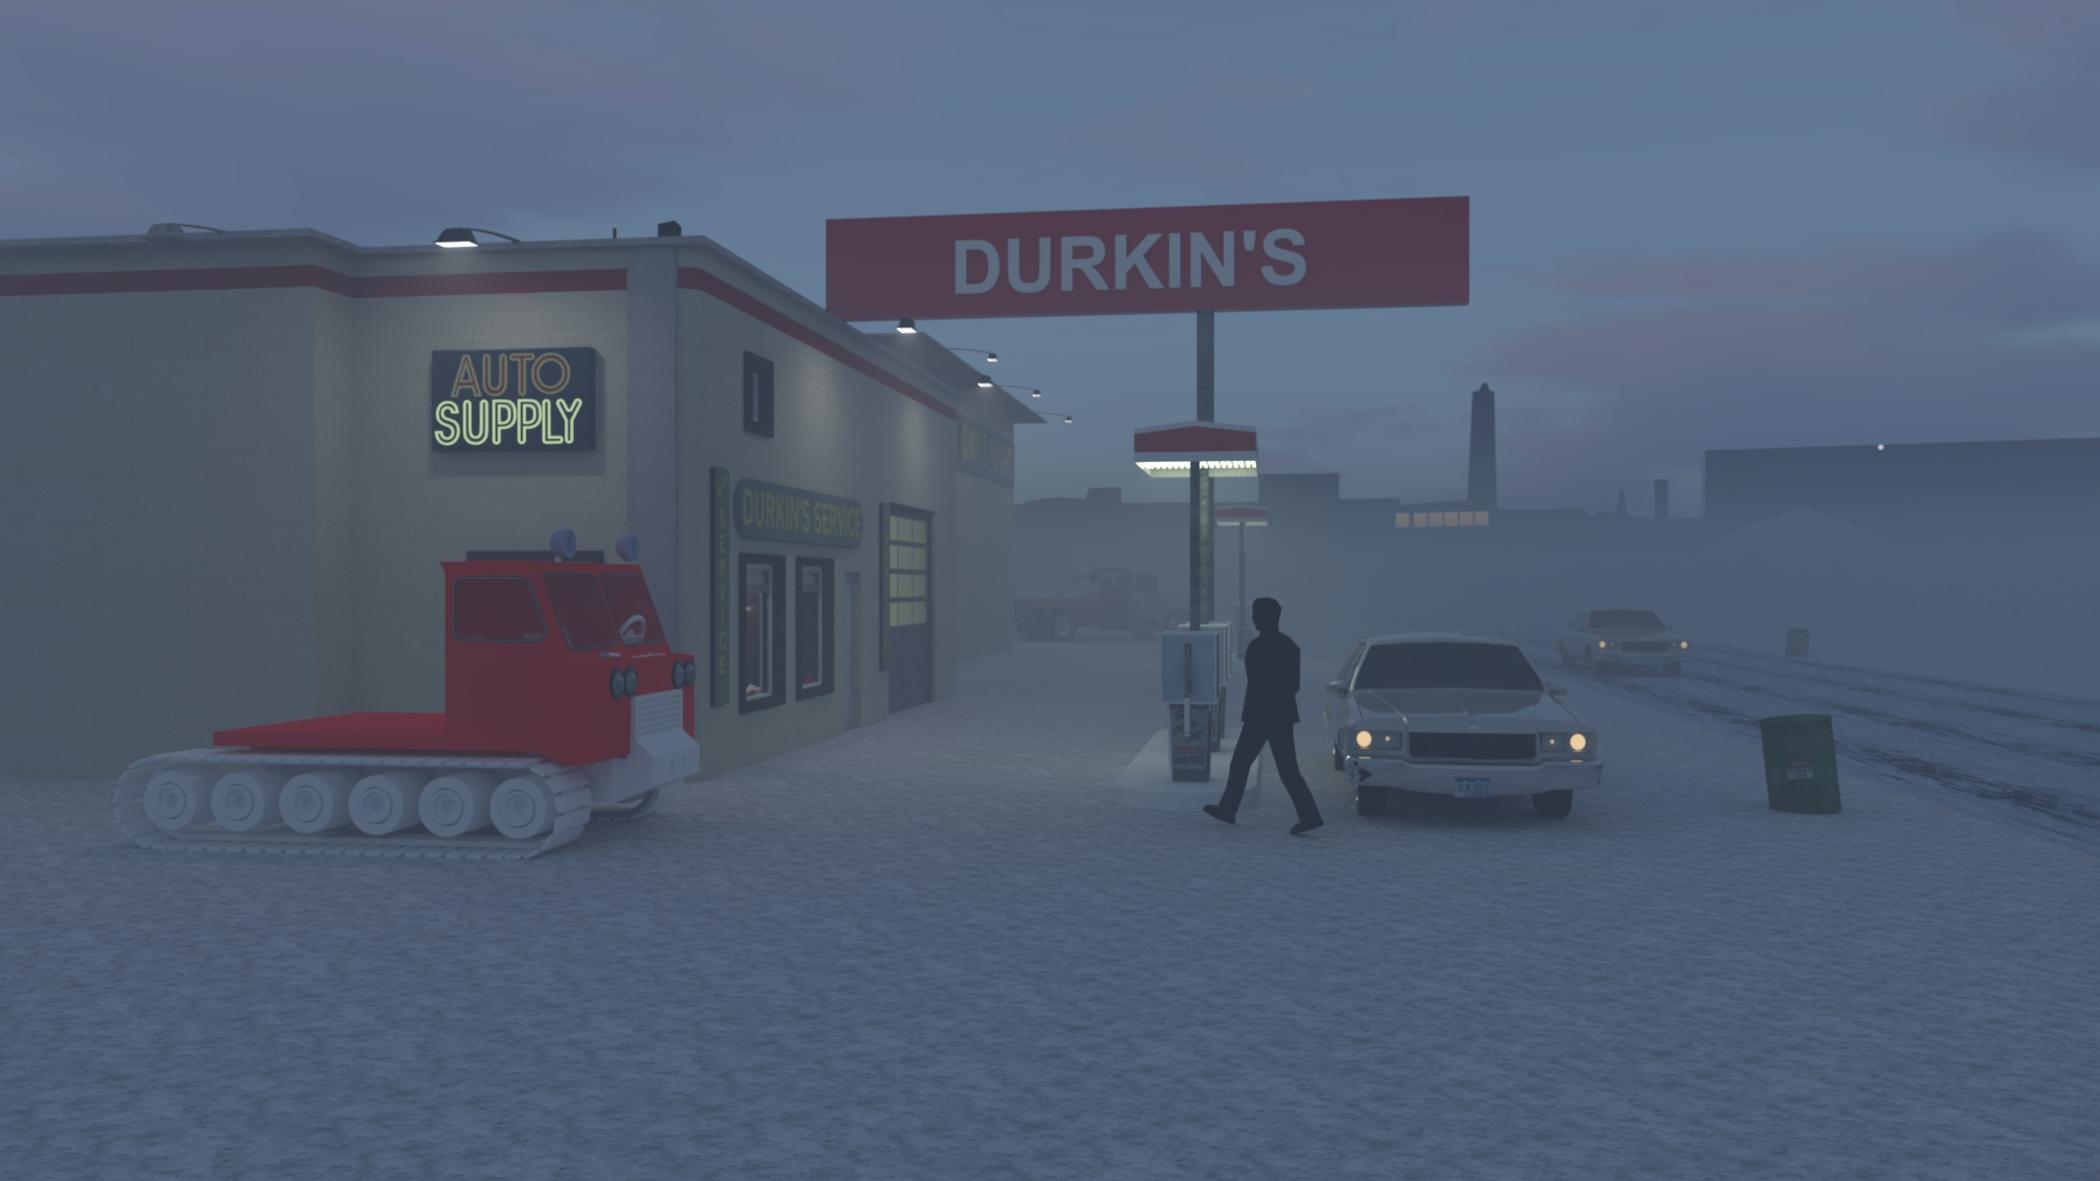 exterior Durkin's